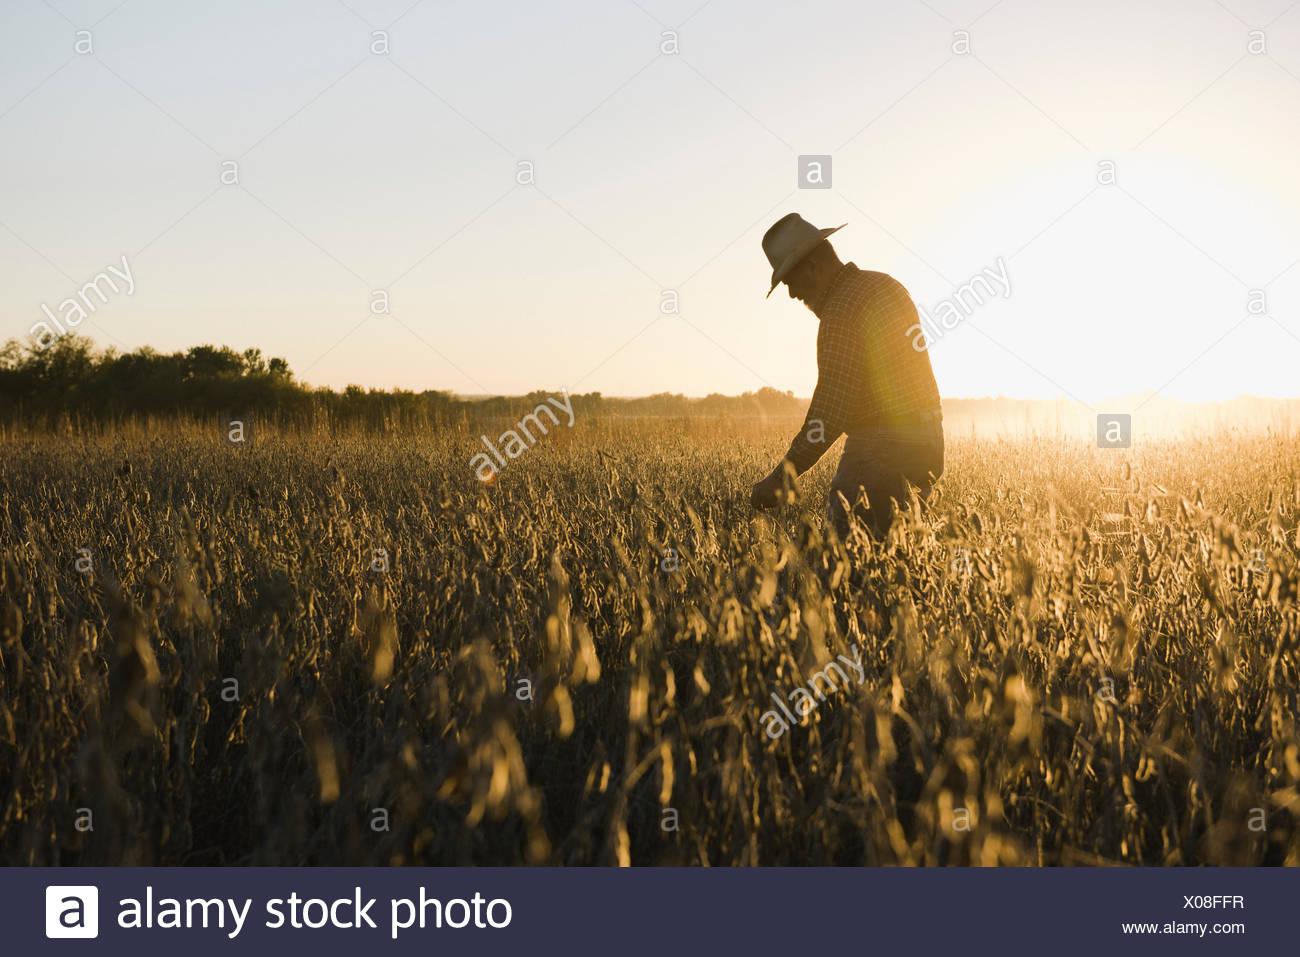 Stagliano senior agricoltore maschio guardando il raccolto di soia al tramonto, Plattsburg, Missouri, Stati Uniti d'America Immagini Stock